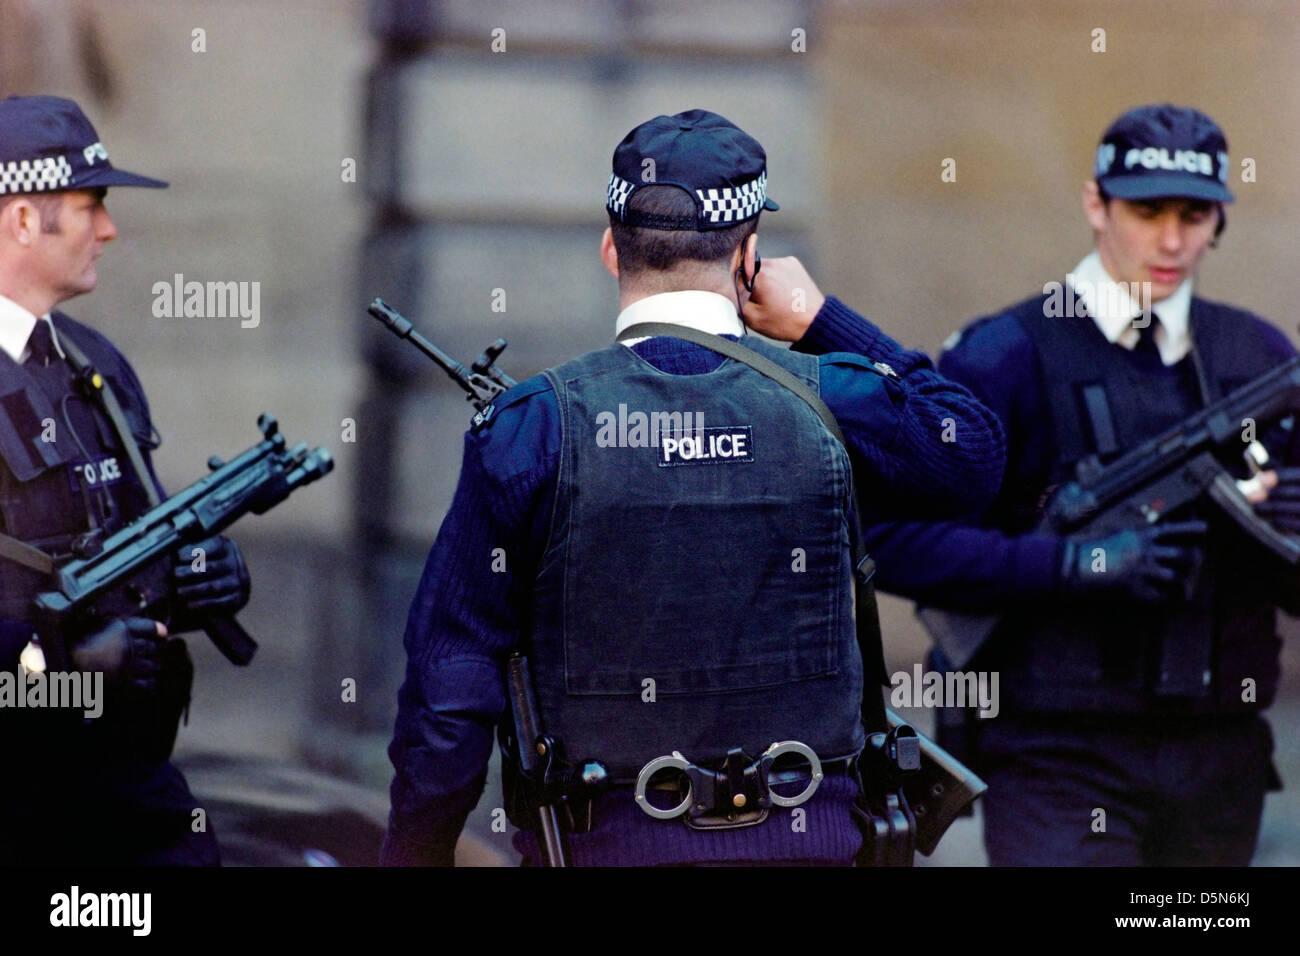 Bewaffnete Polizei Einsatz außerhalb der High Court in Edinburgh, Schottland. Stockbild